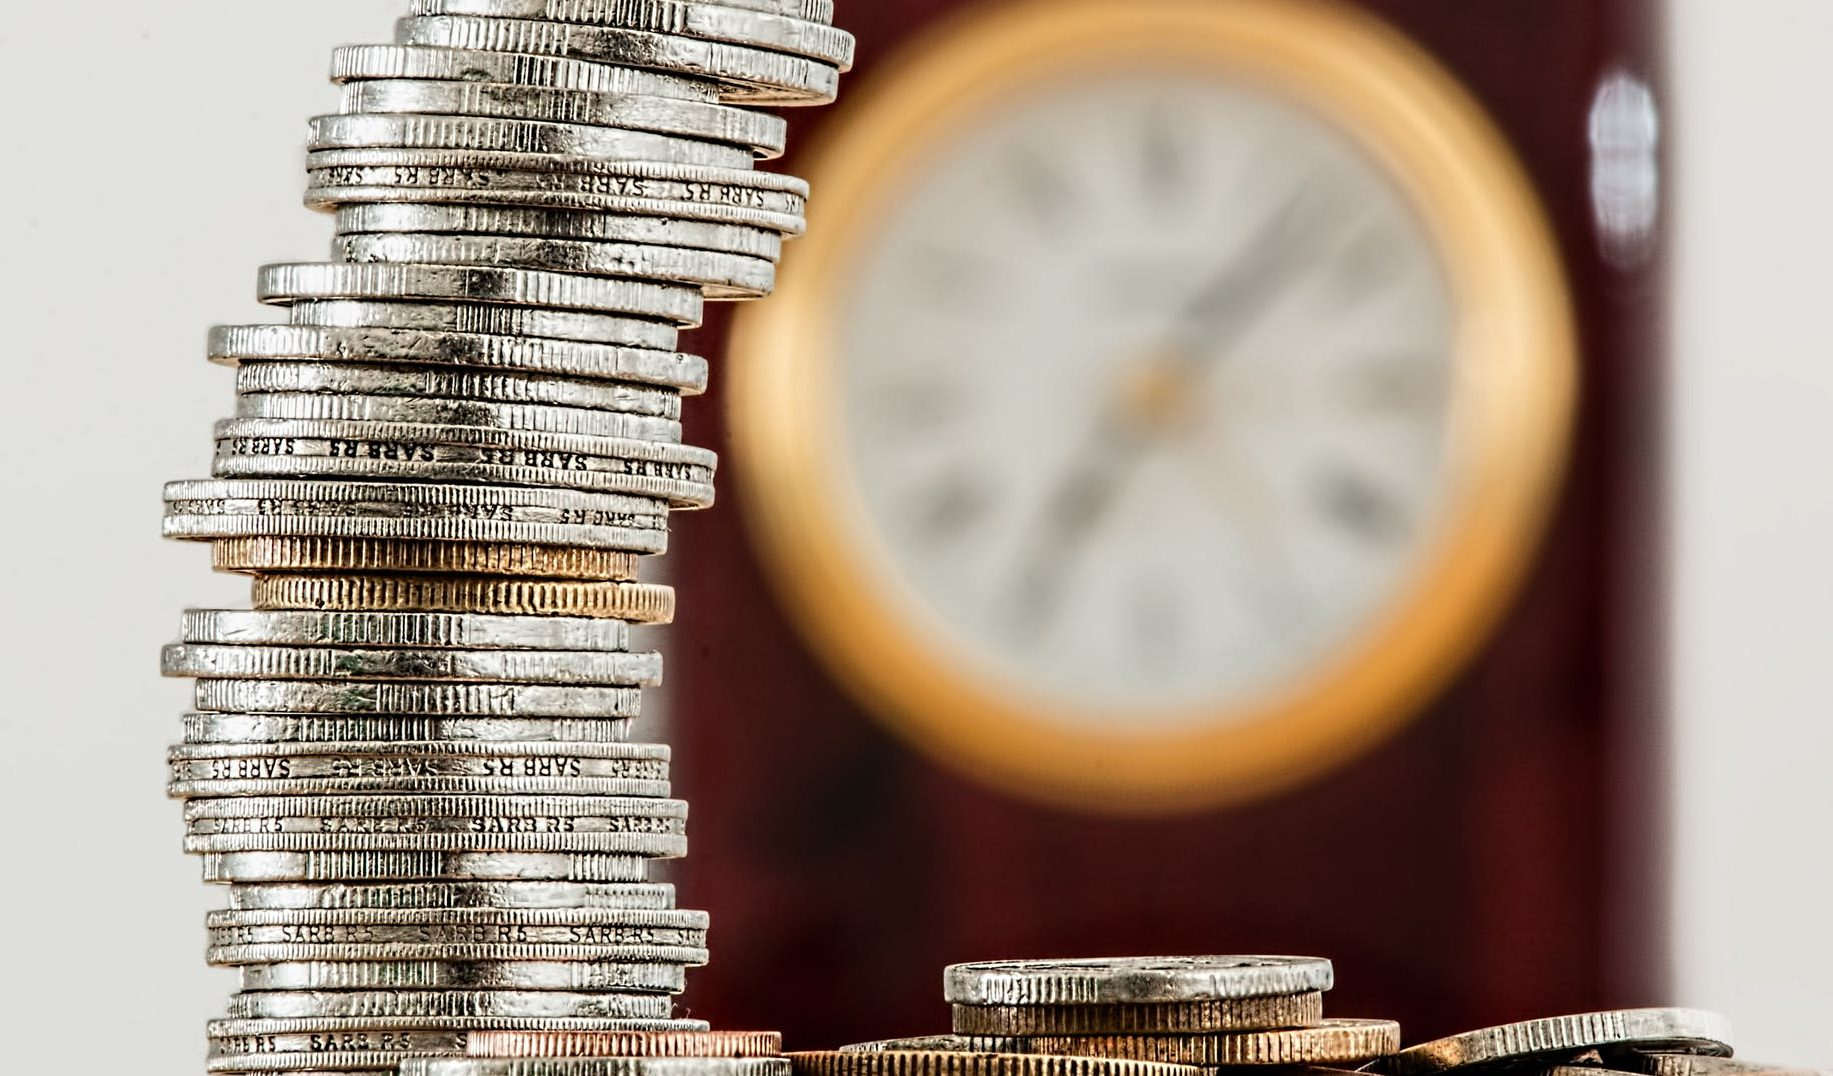 indiciu de cuvinte încrucișate cu venituri suplimentare